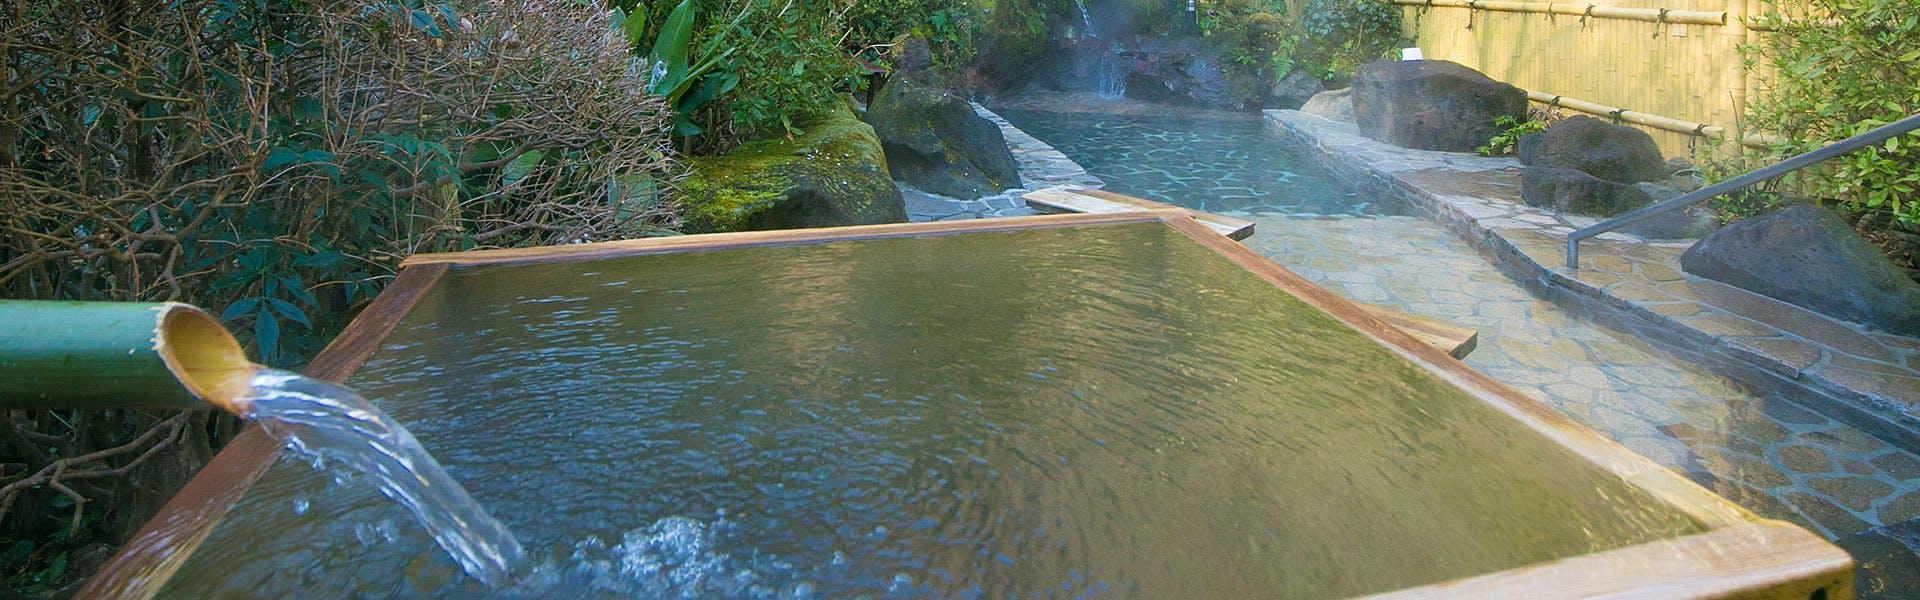 記念日におすすめのホテル・厚木飯山温泉 元湯旅館の写真2